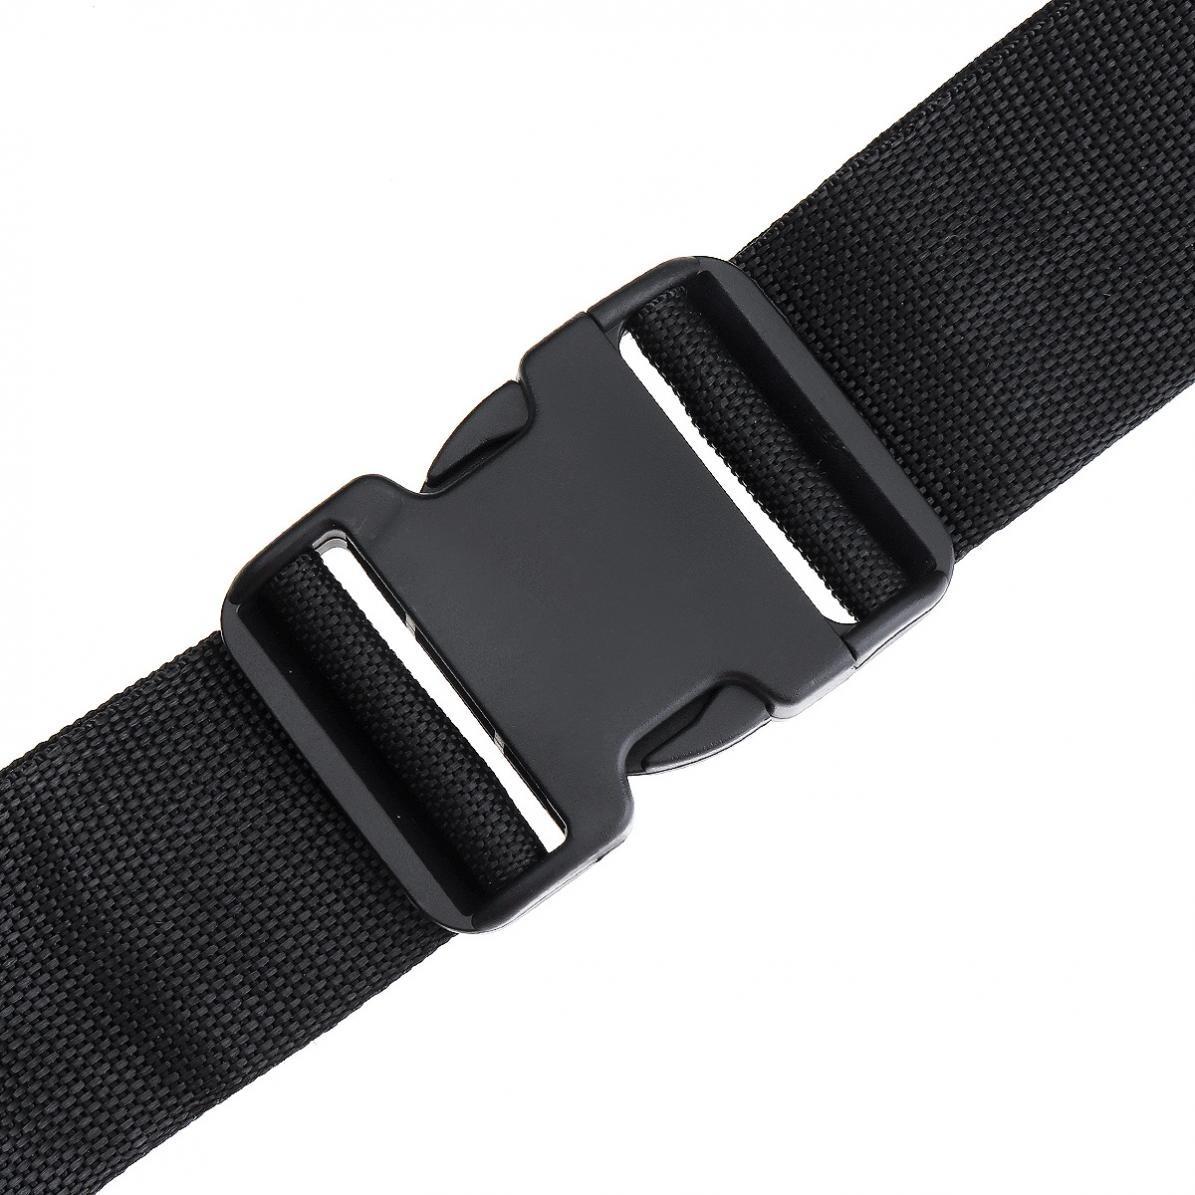 新品 ウエストツールバッグ 工具入れ 工具差し 腰袋 工具収納 多機能 道具袋 オックスフォード 防水 サイズ調整 4穴1ポケット DIY 黒 緑_画像5